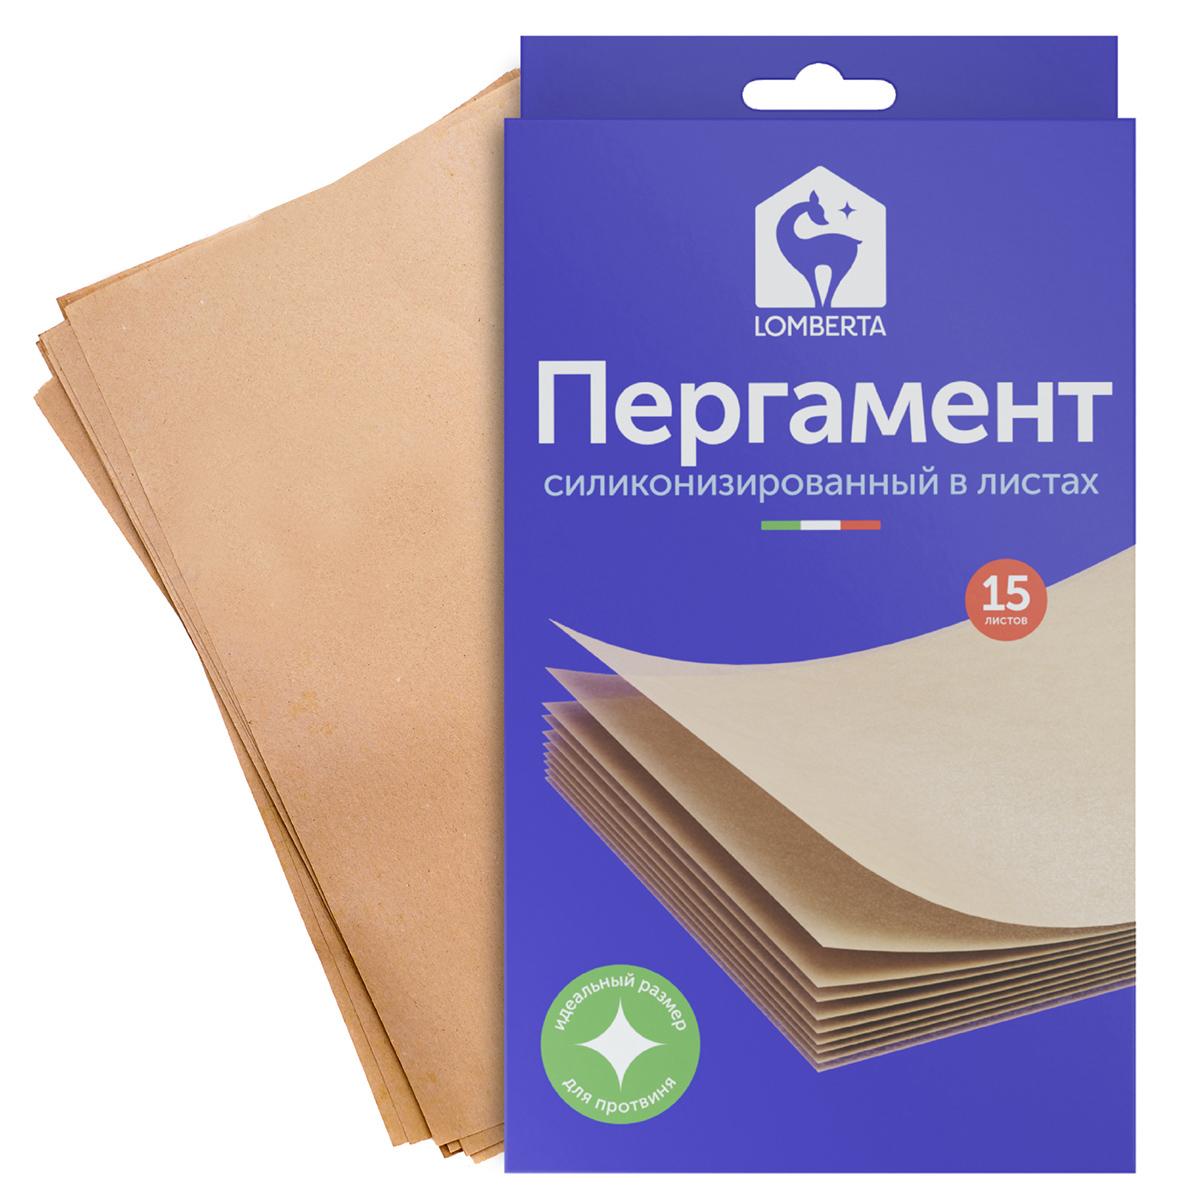 Пергамент для выпечкиLombertaв листах 15 шт